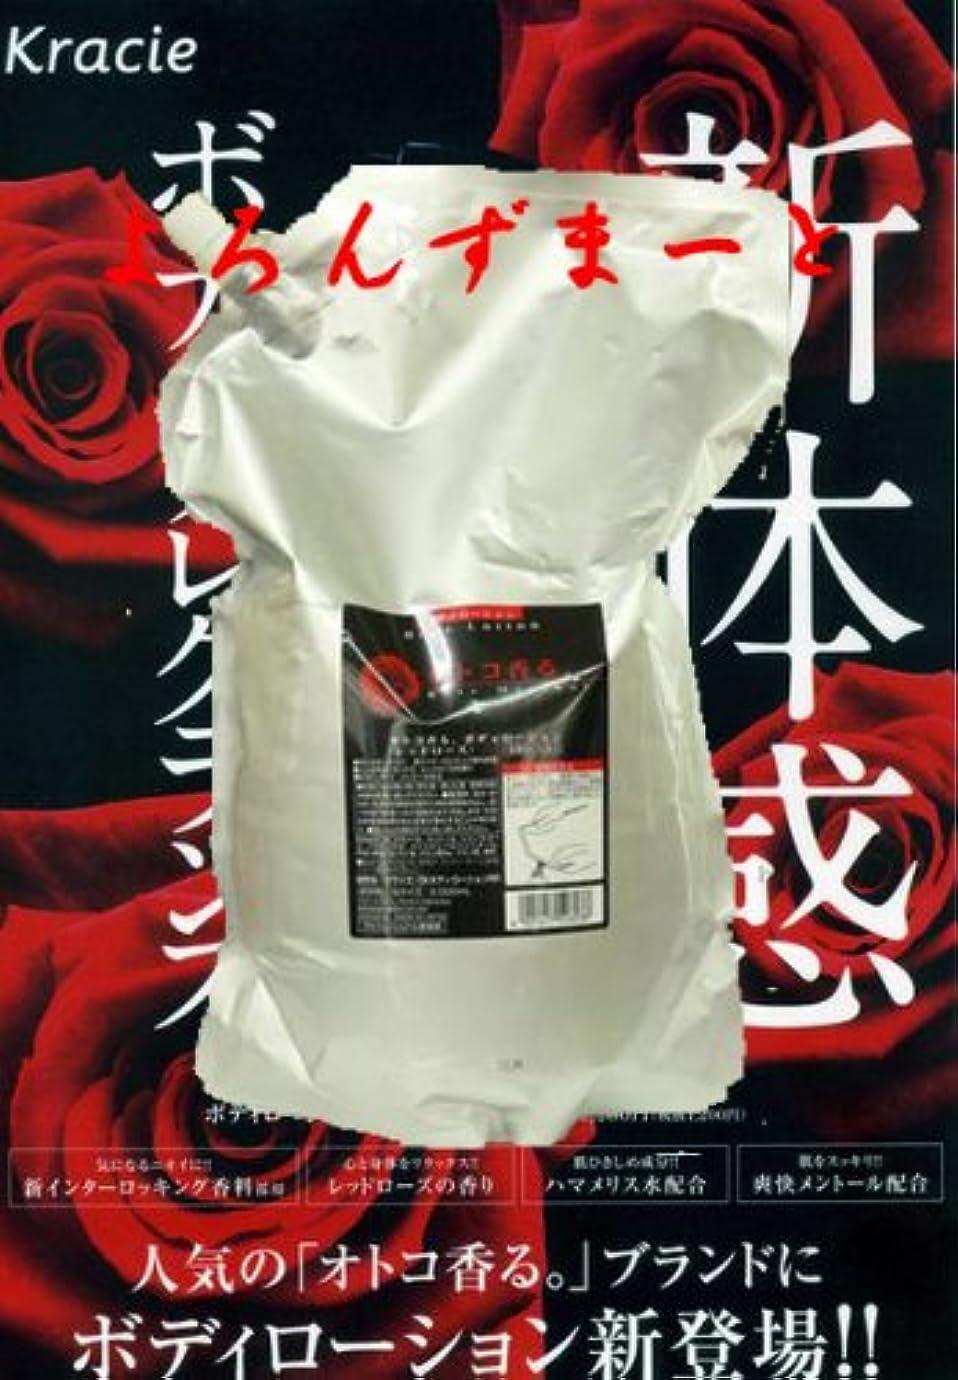 柔らかい奨学金本クラシエ オトコ香る ボディーローション(レッドローズ) 2000ml 詰替え用(レフィル)